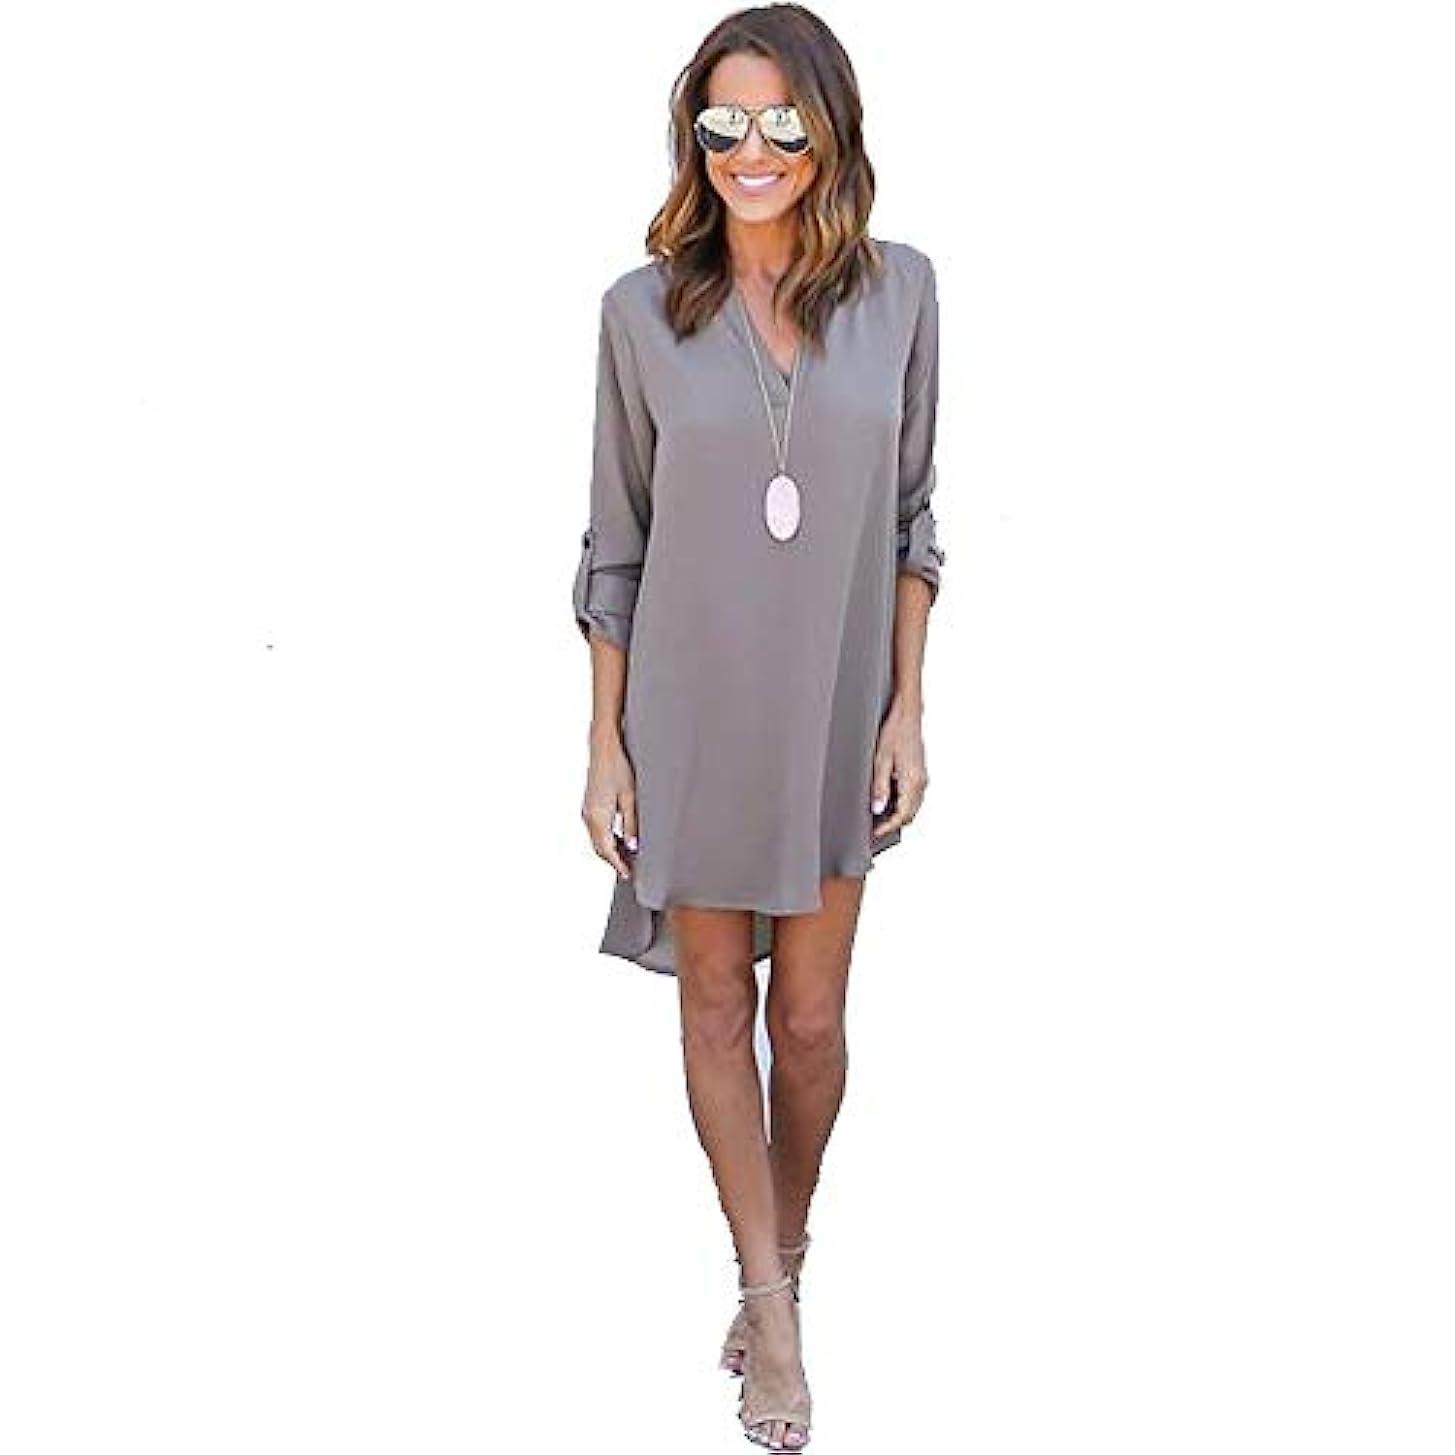 クスクススポット同一のMIFAN女性ドレス、シフォン、Vネック、無地、長袖、ゆったり、ミニドレス、Tシャツドレス